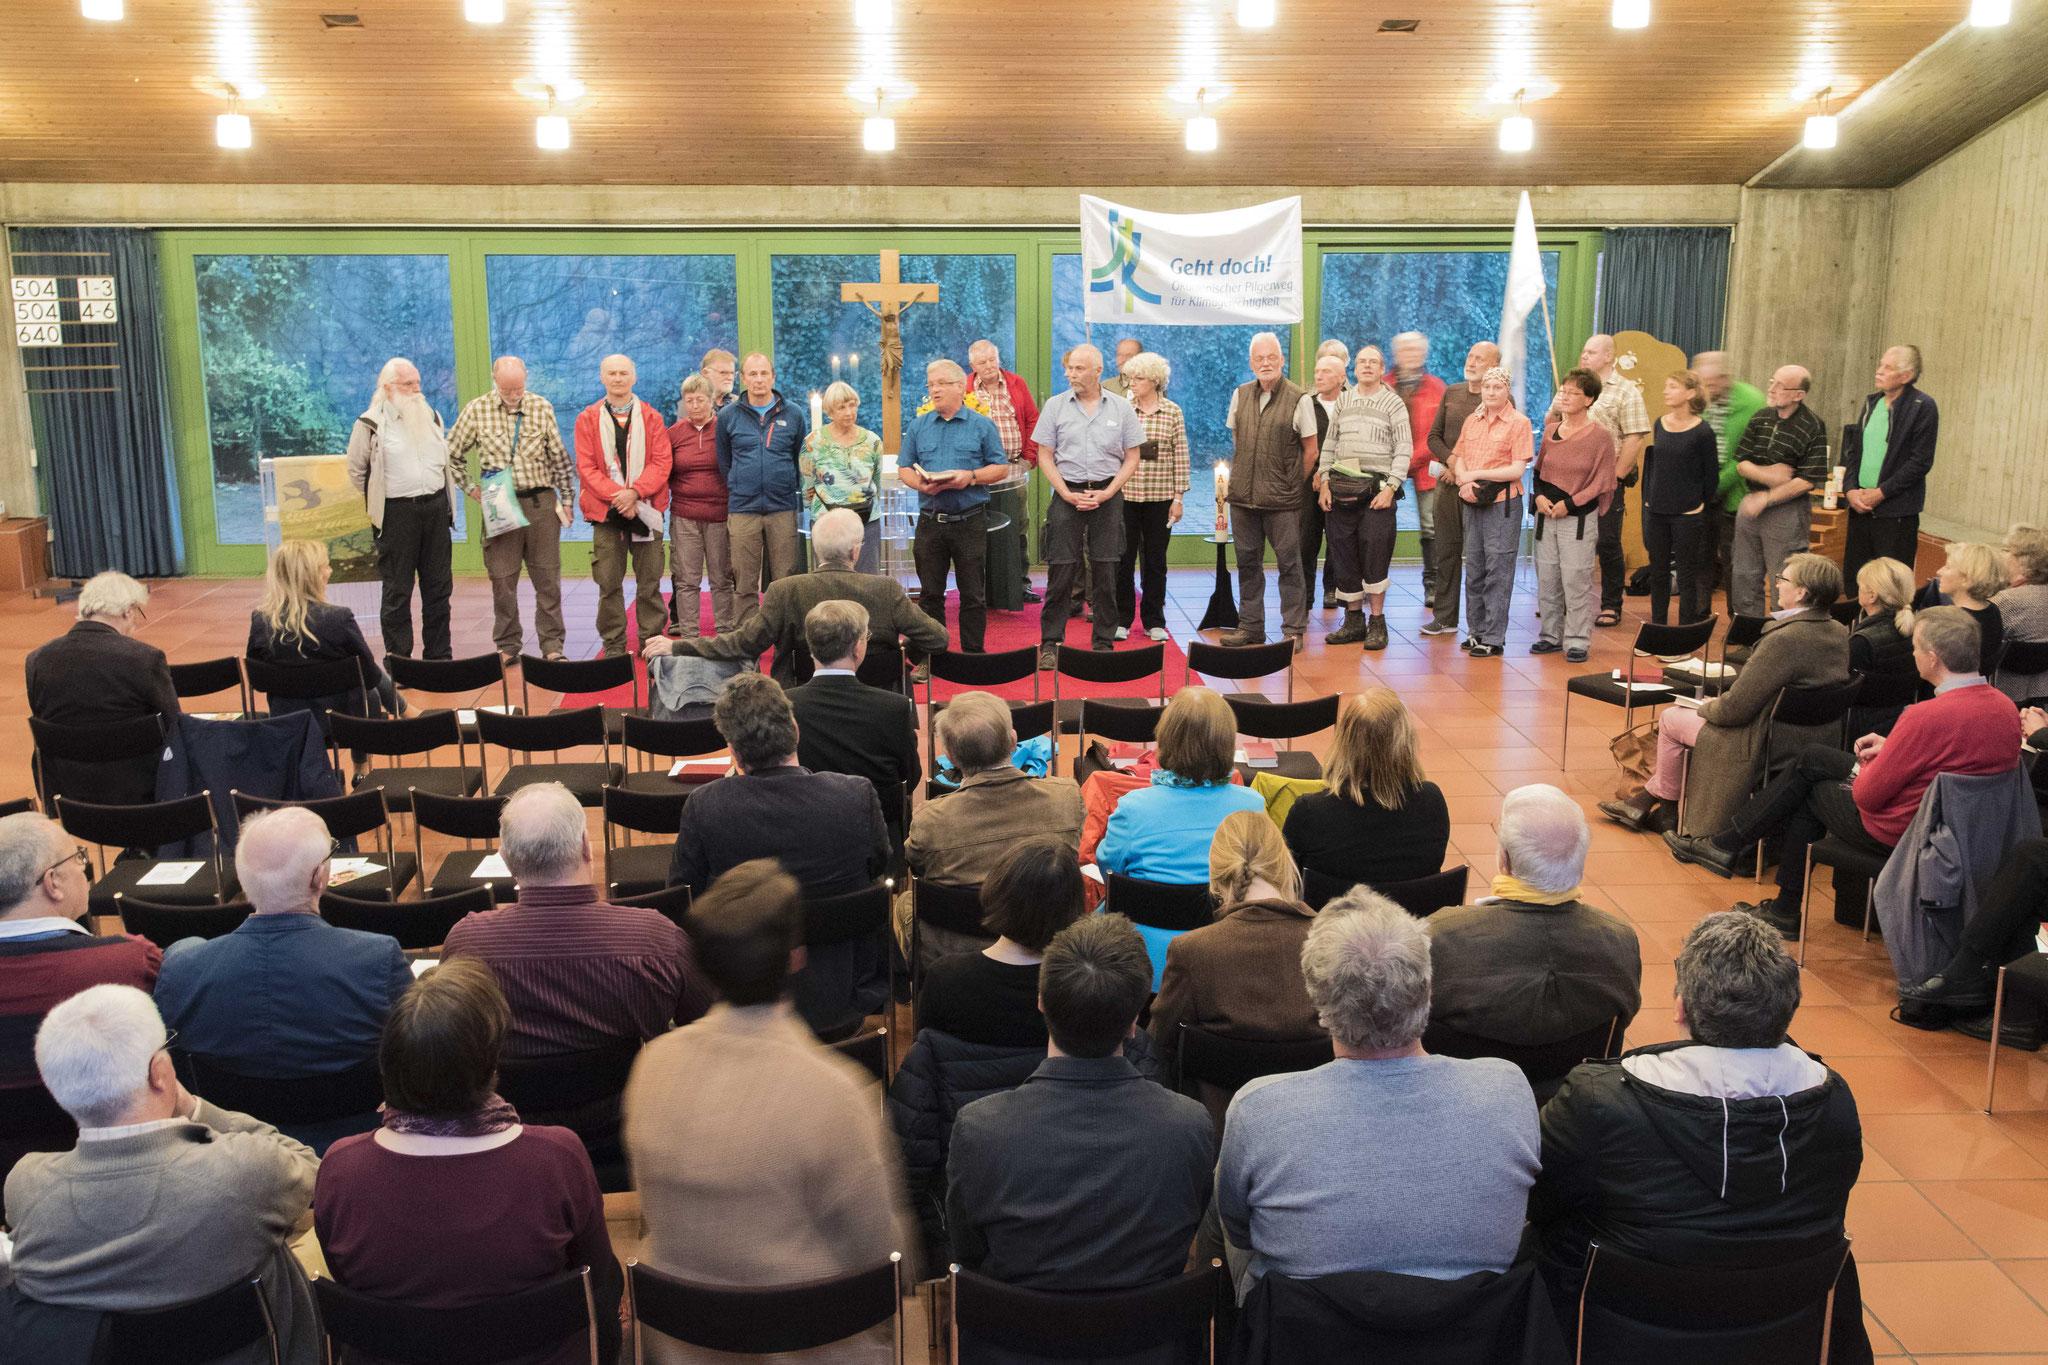 Die Pilgergruppe erzählt in der Kreissynode von ihren Erfahrungen und dem Anliegen der Klimagerechtigkeit